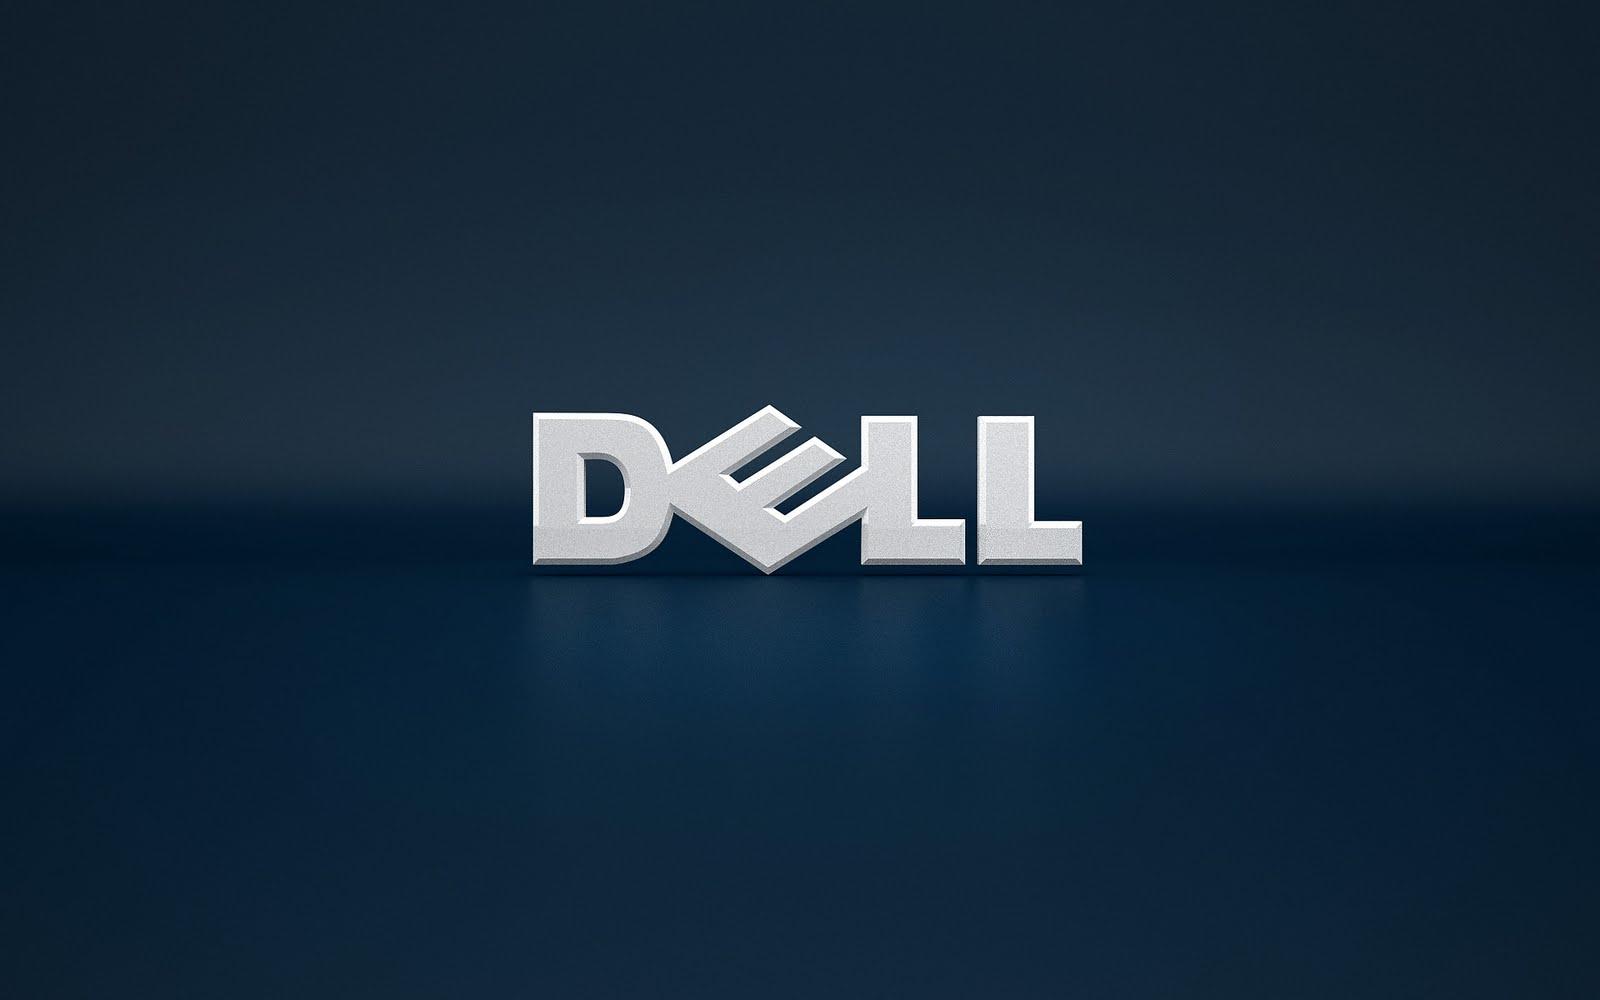 http://3.bp.blogspot.com/_Ym3du2sG3R4/TENh-BbdjXI/AAAAAAAACqY/tI17NcbCgRk/s1600/Dell_Wallpaper.jpg